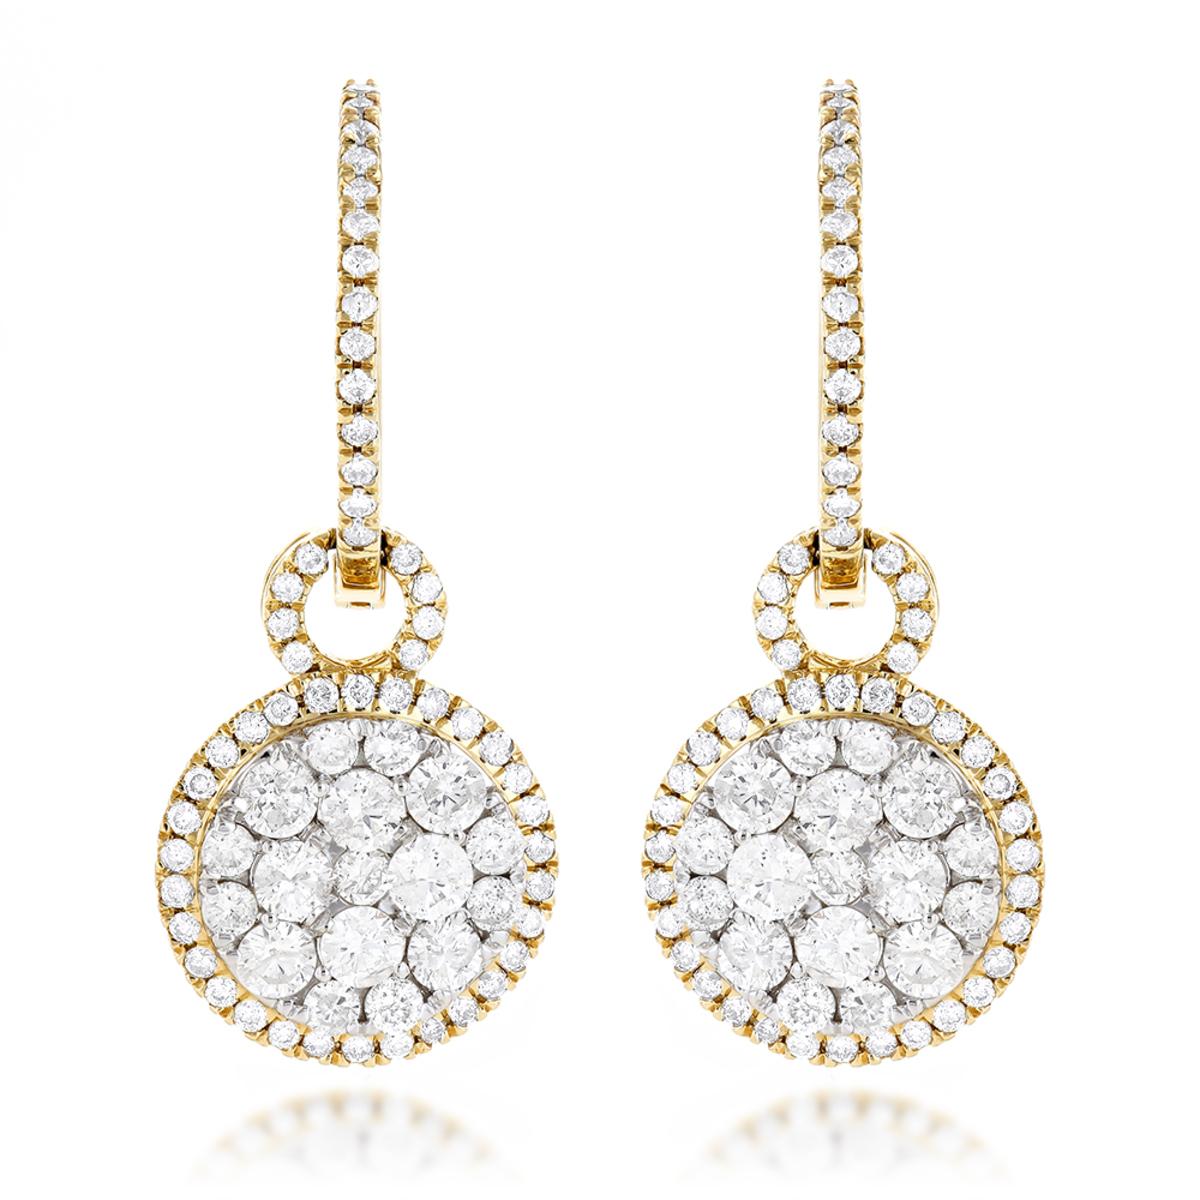 14K Gold Designer Diamond Earrings 2.04ct Clusters